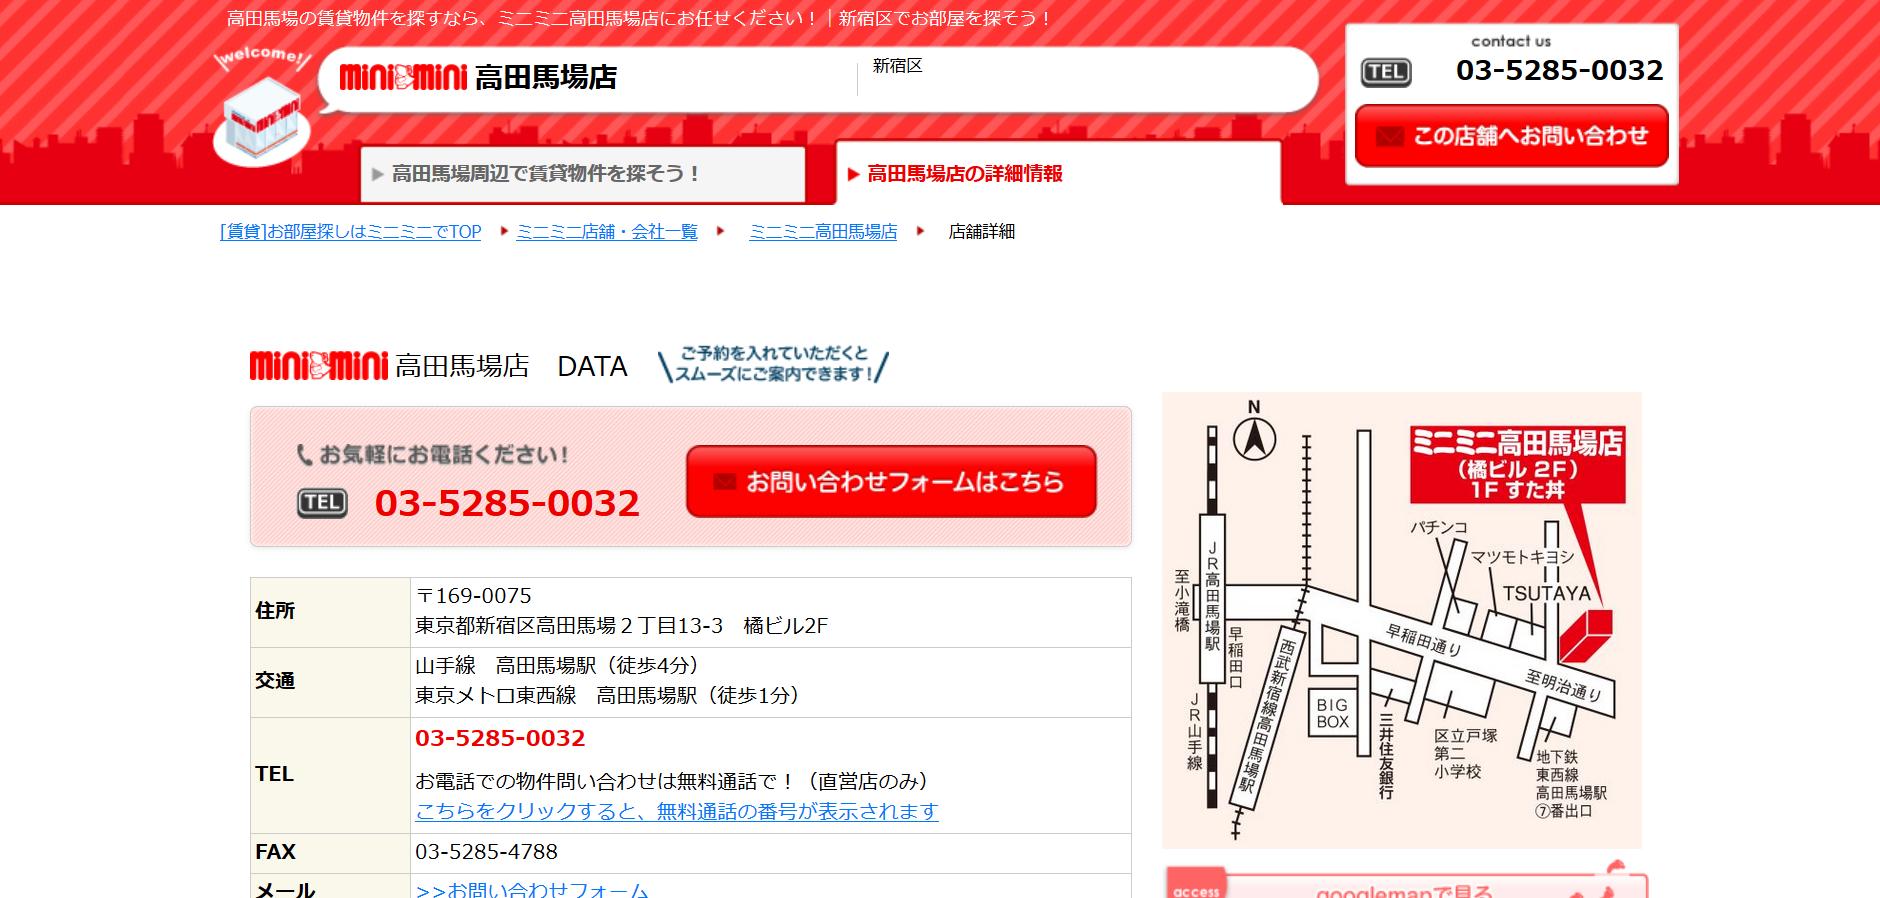 ミニミニ 高田馬場店